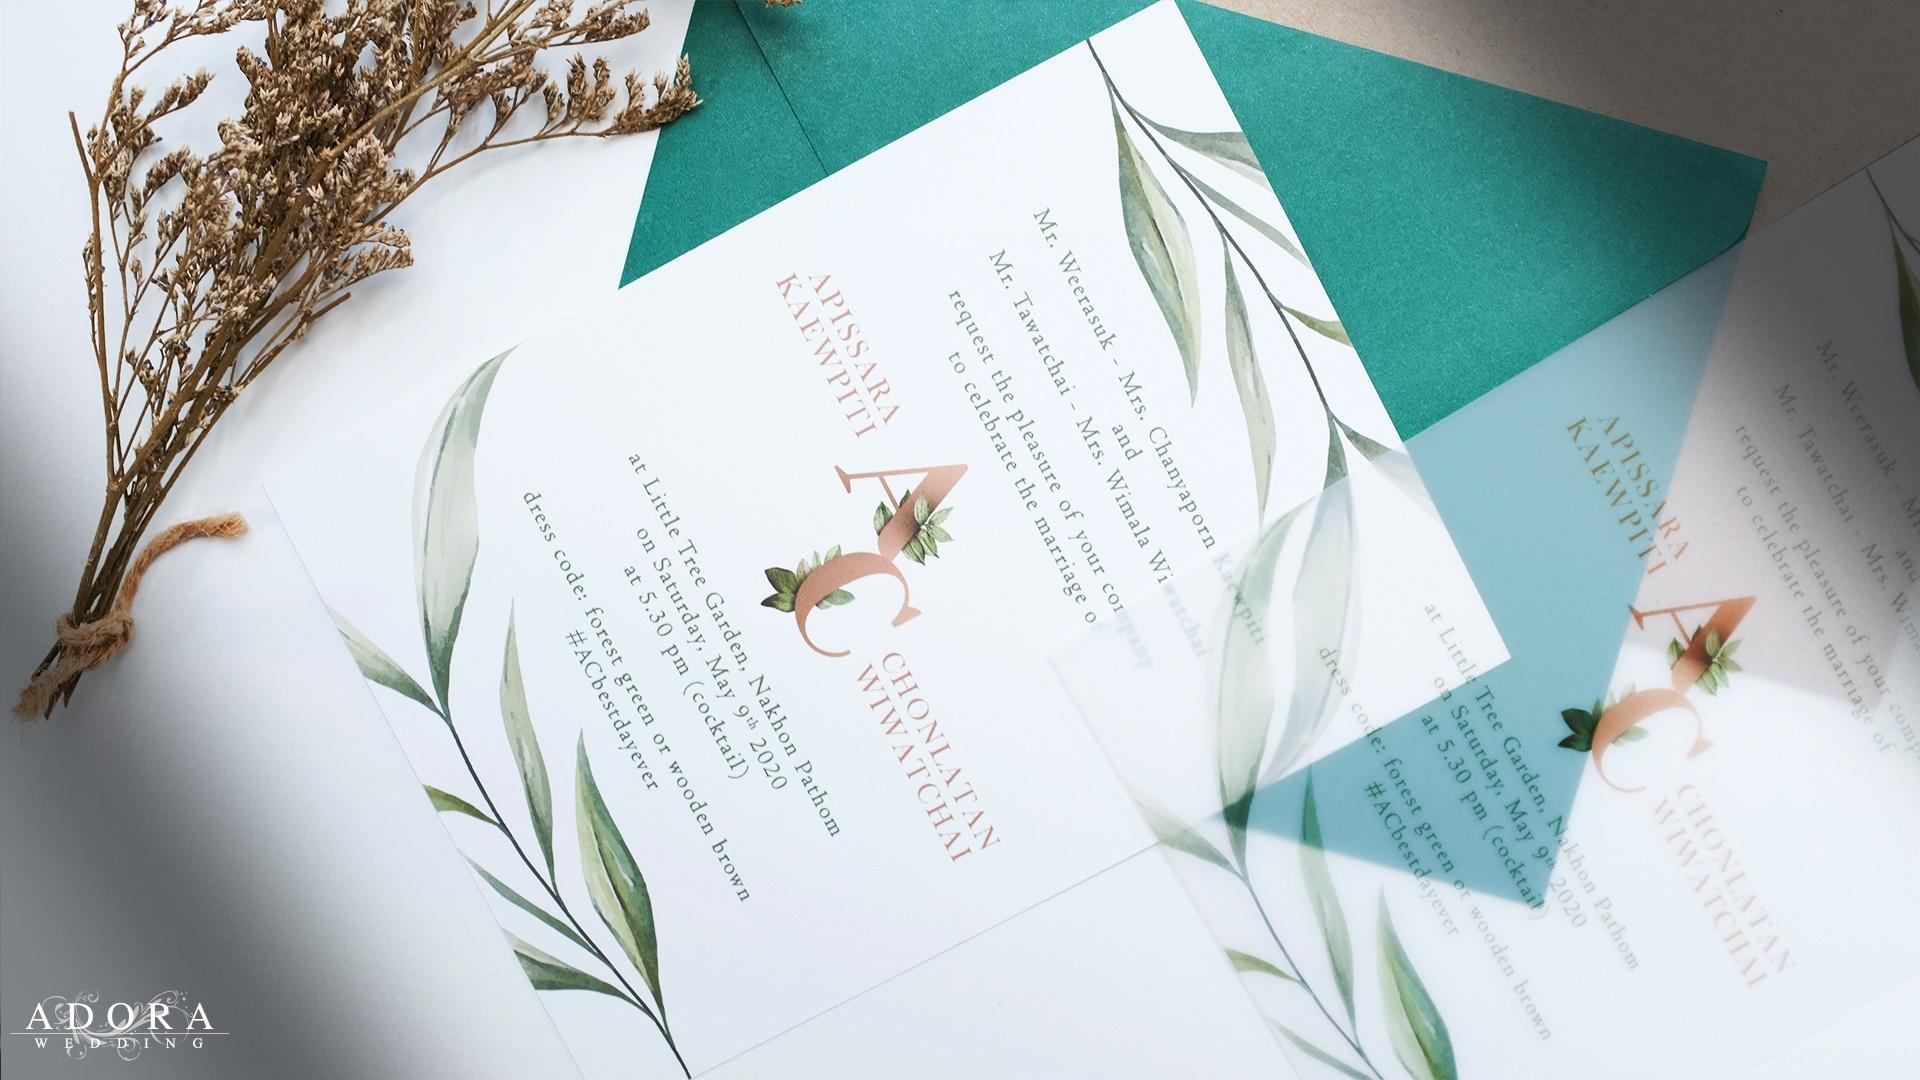 B095LM-wedding-card-2